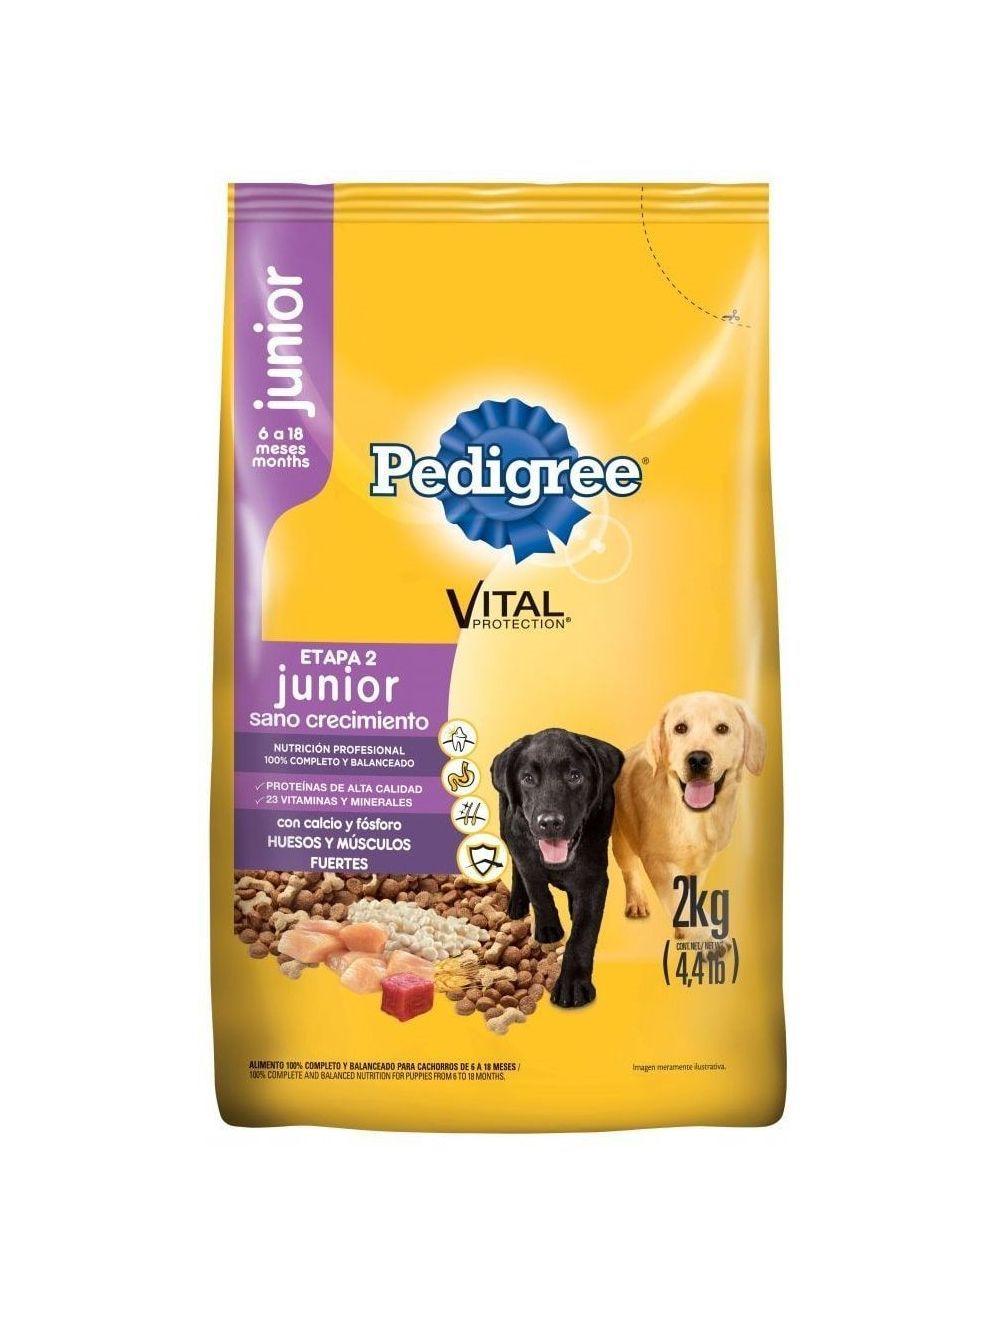 Comida Pedigree Junior Sano Crecimiento - Ciudaddemascotas.com